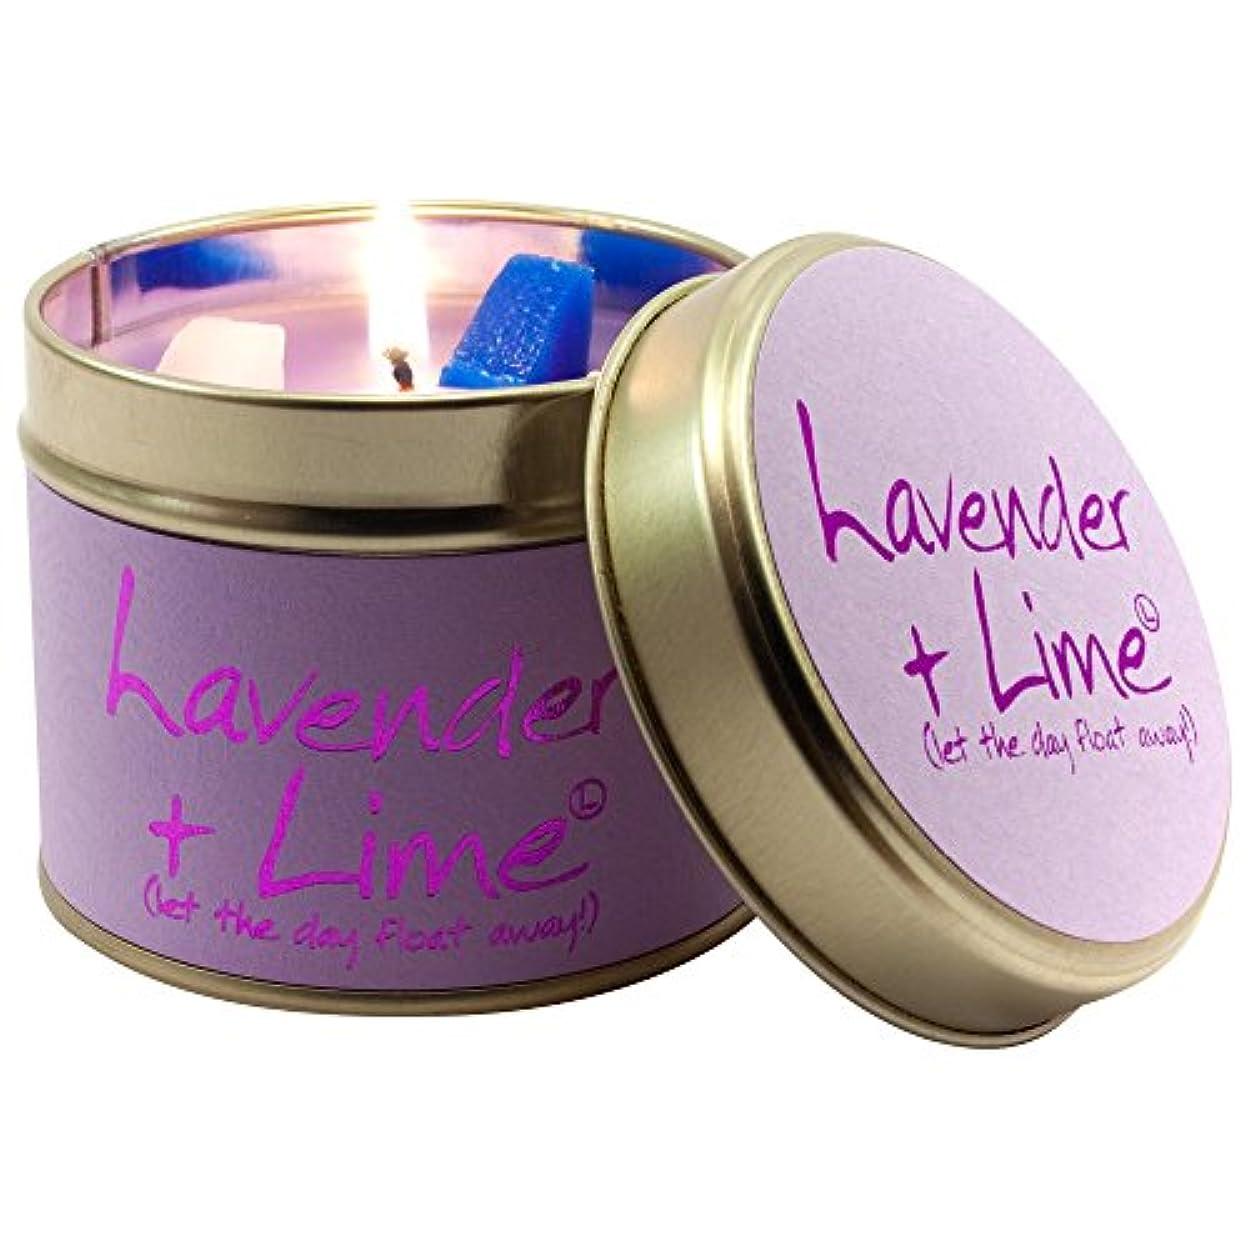 マイコンアスレチック意図ユリ炎ラベンダー、ライムの香りのキャンドルジャー (Lily-Flame) - Lily-Flame Lavender and Lime Scented Candle Jar [並行輸入品]